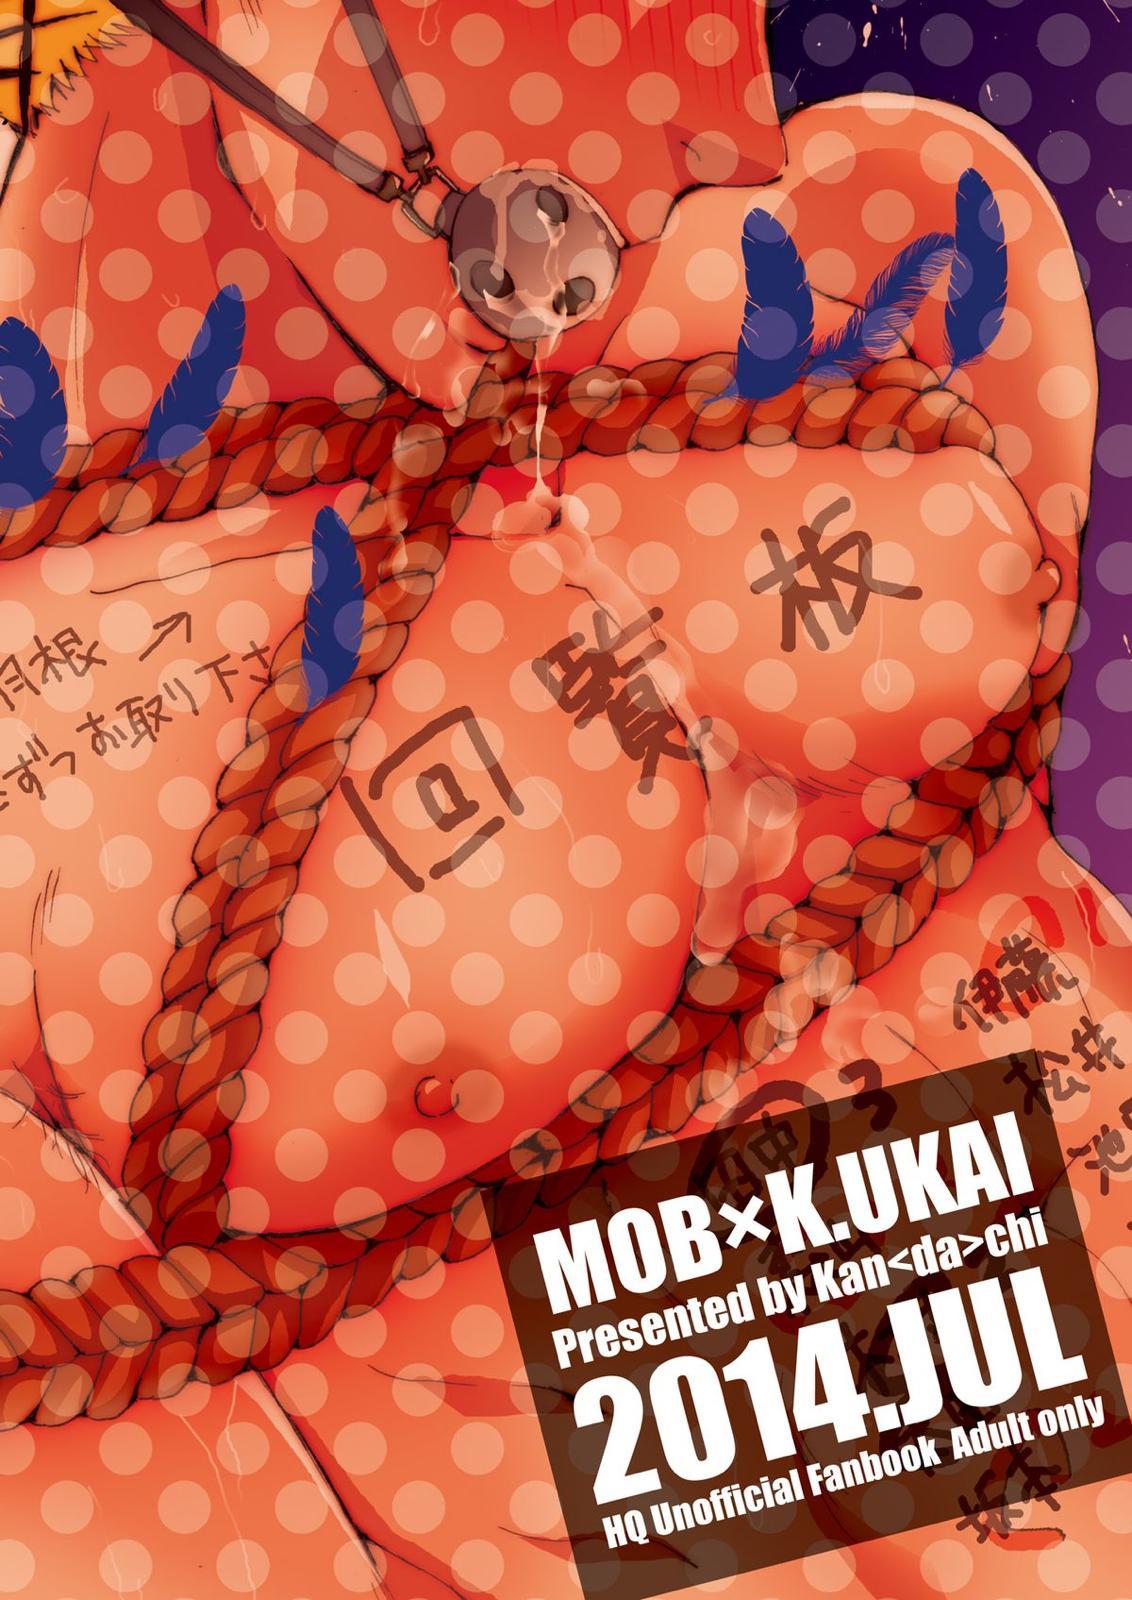 b_0026_uka_hyoushii04